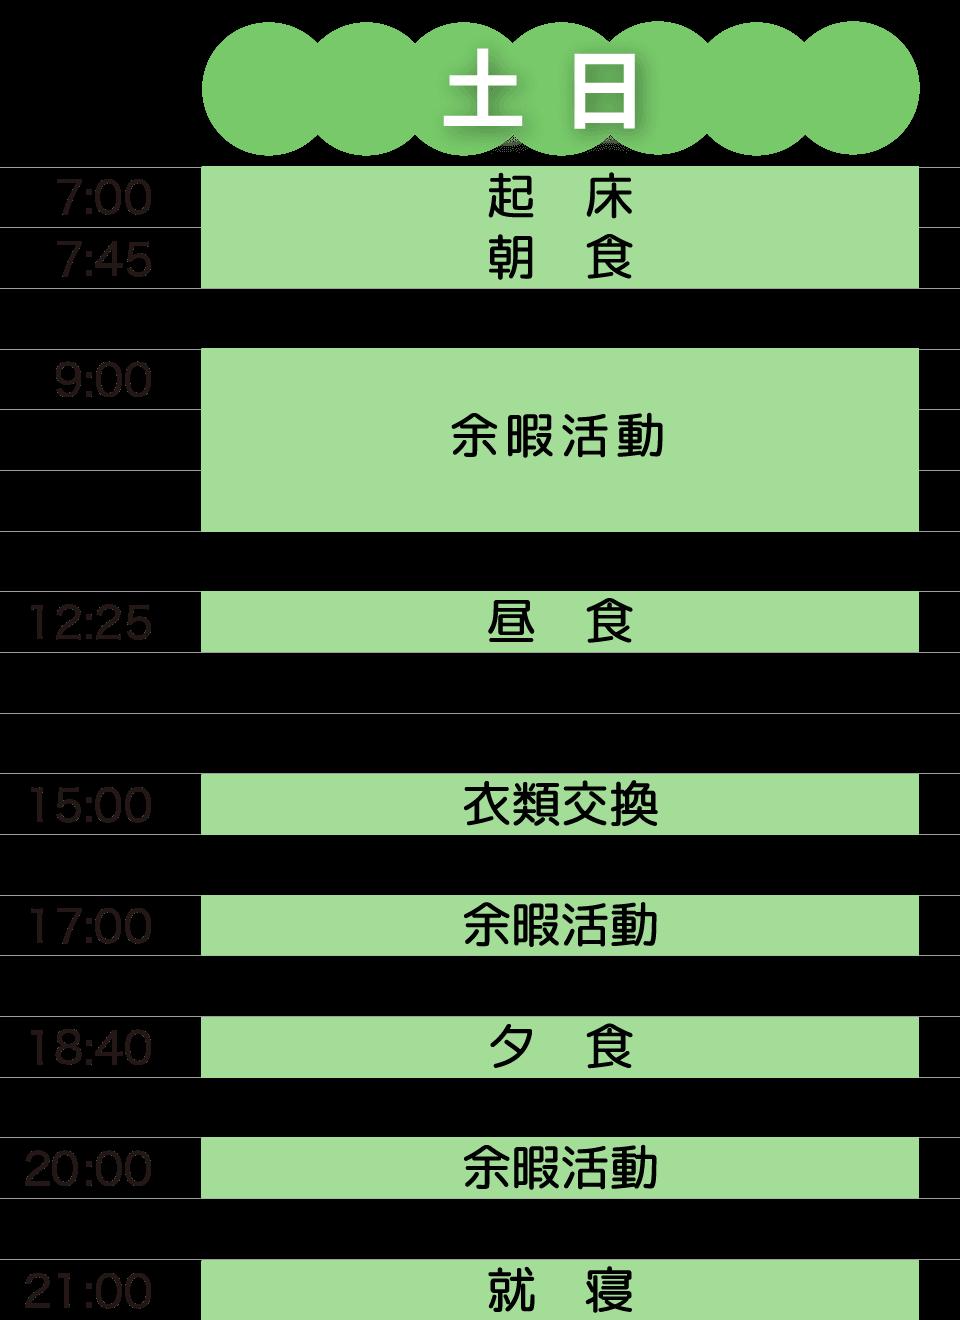 すみよしの里 日課(土日)